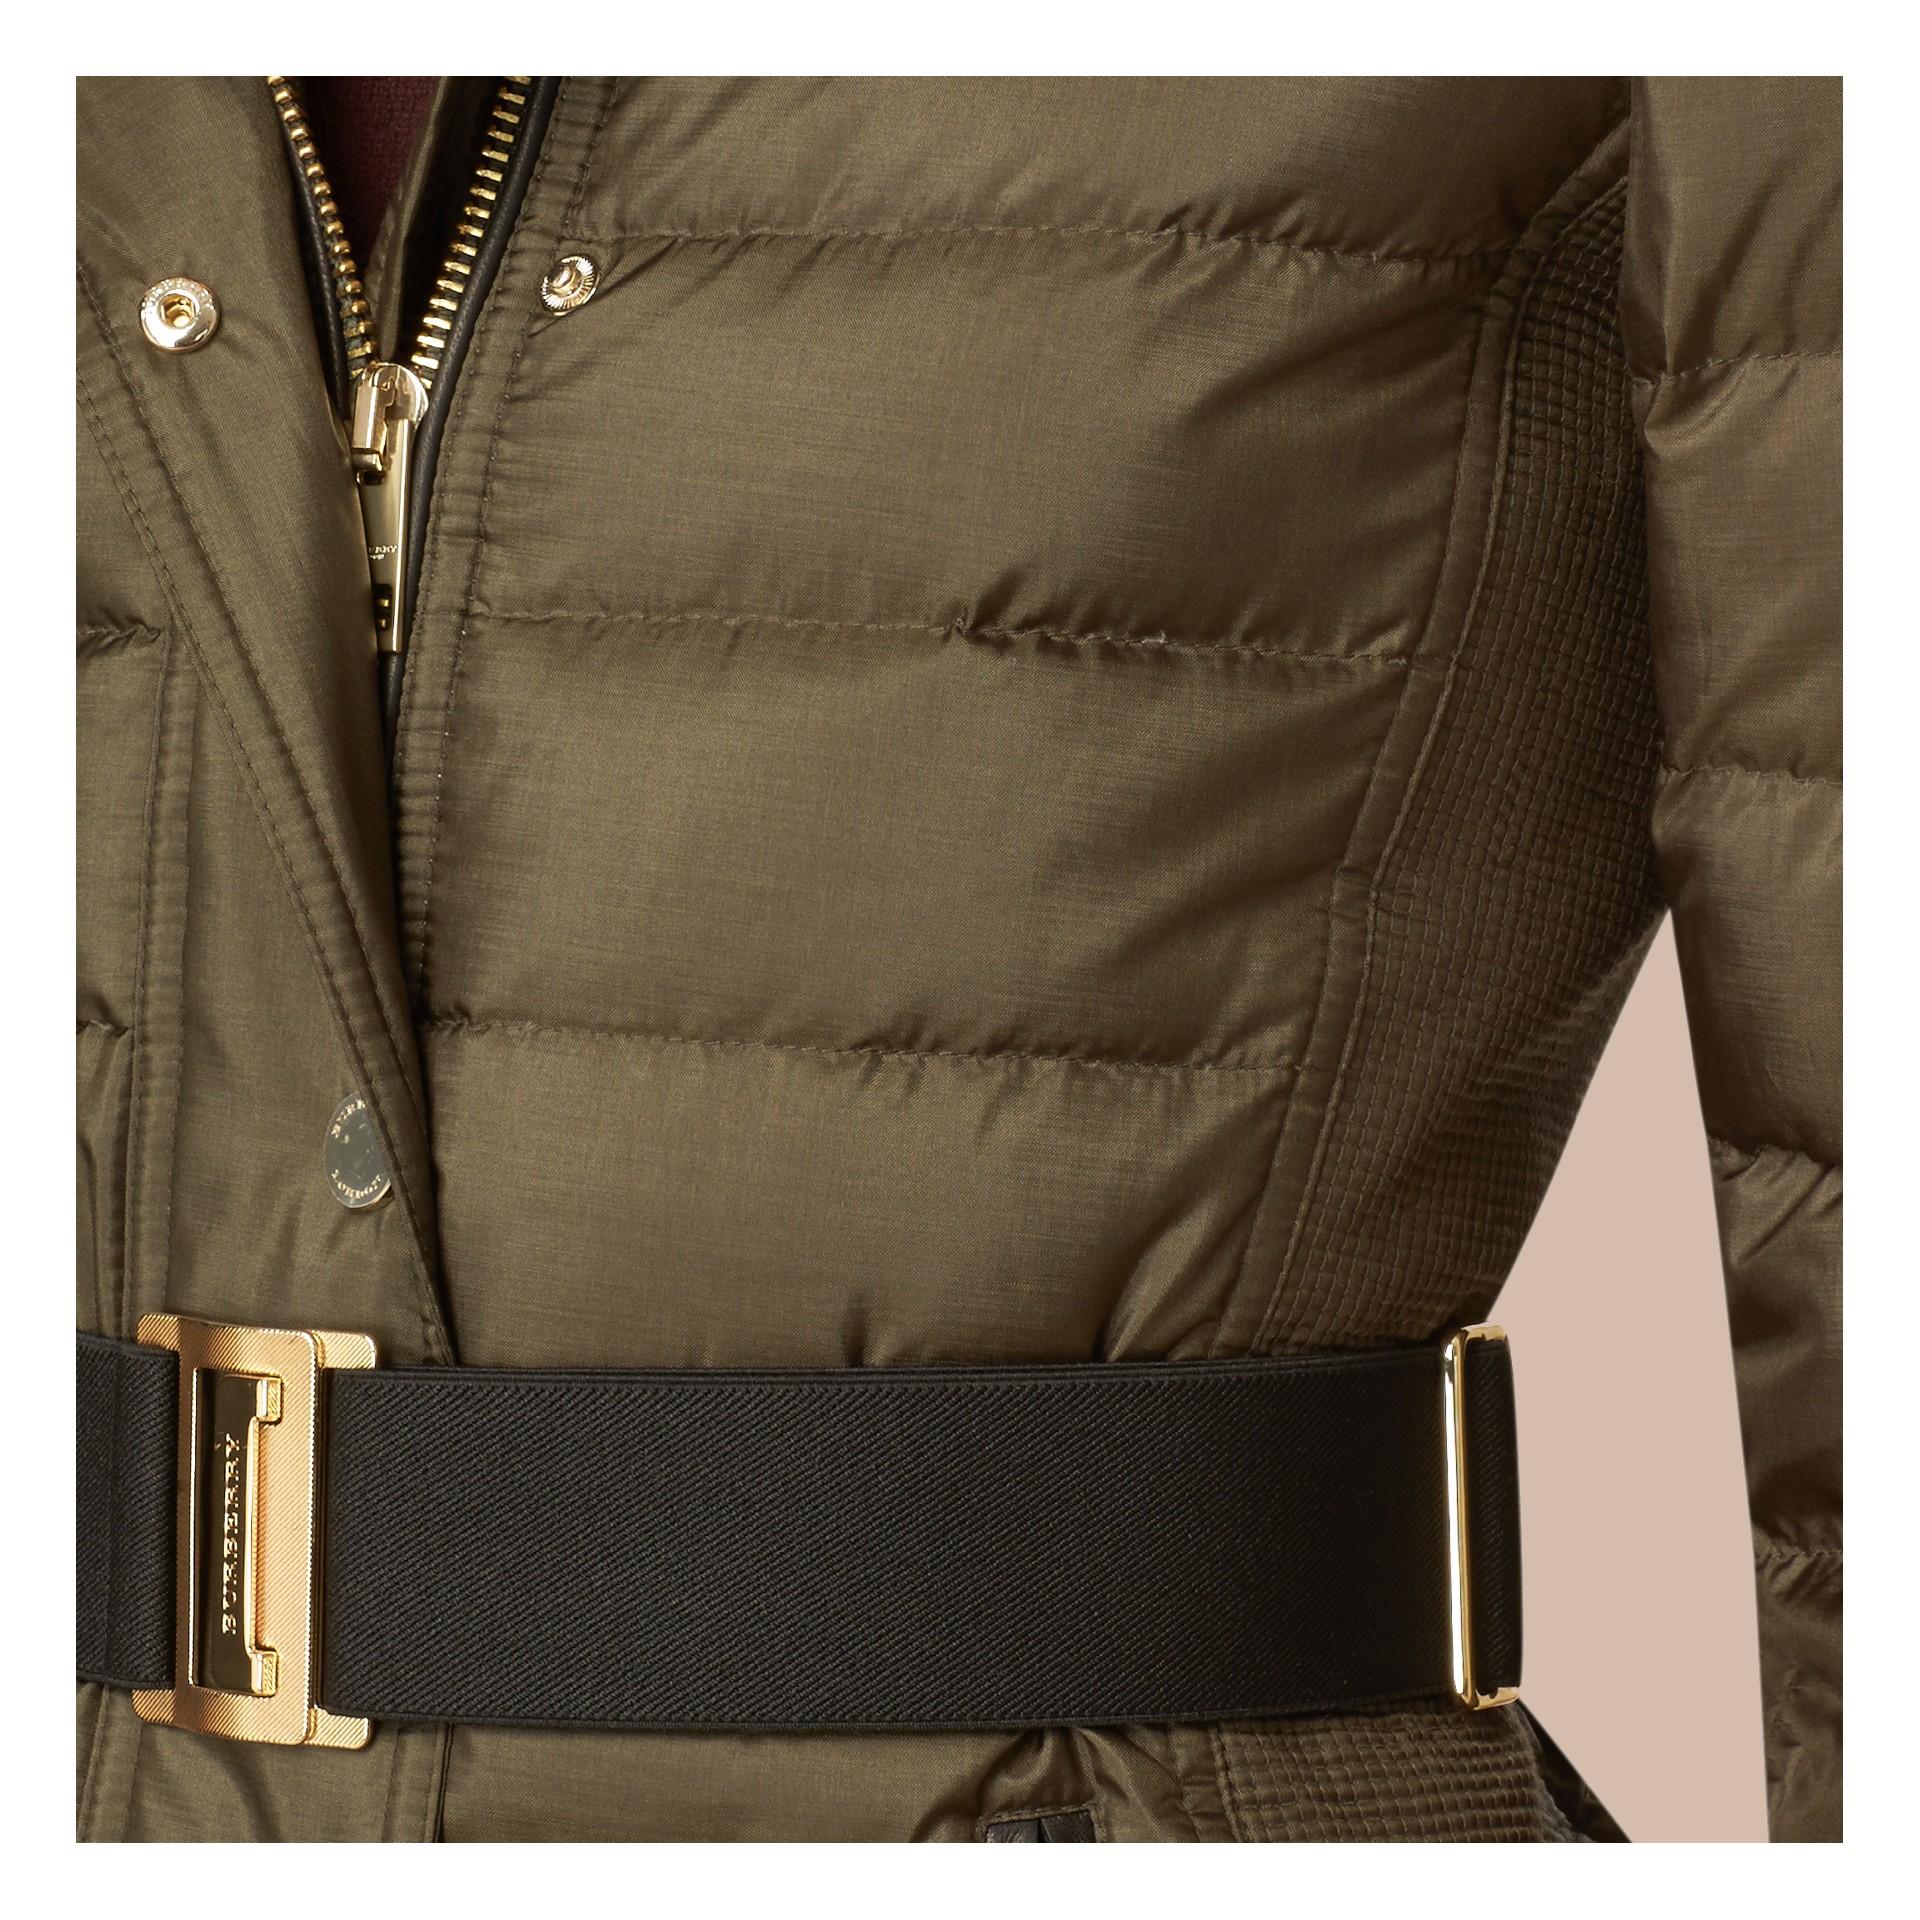 Oliva scuro Cappotto imbottito con cappuccio rifinito in pelliccia Oliva Scuro - immagine della galleria 2